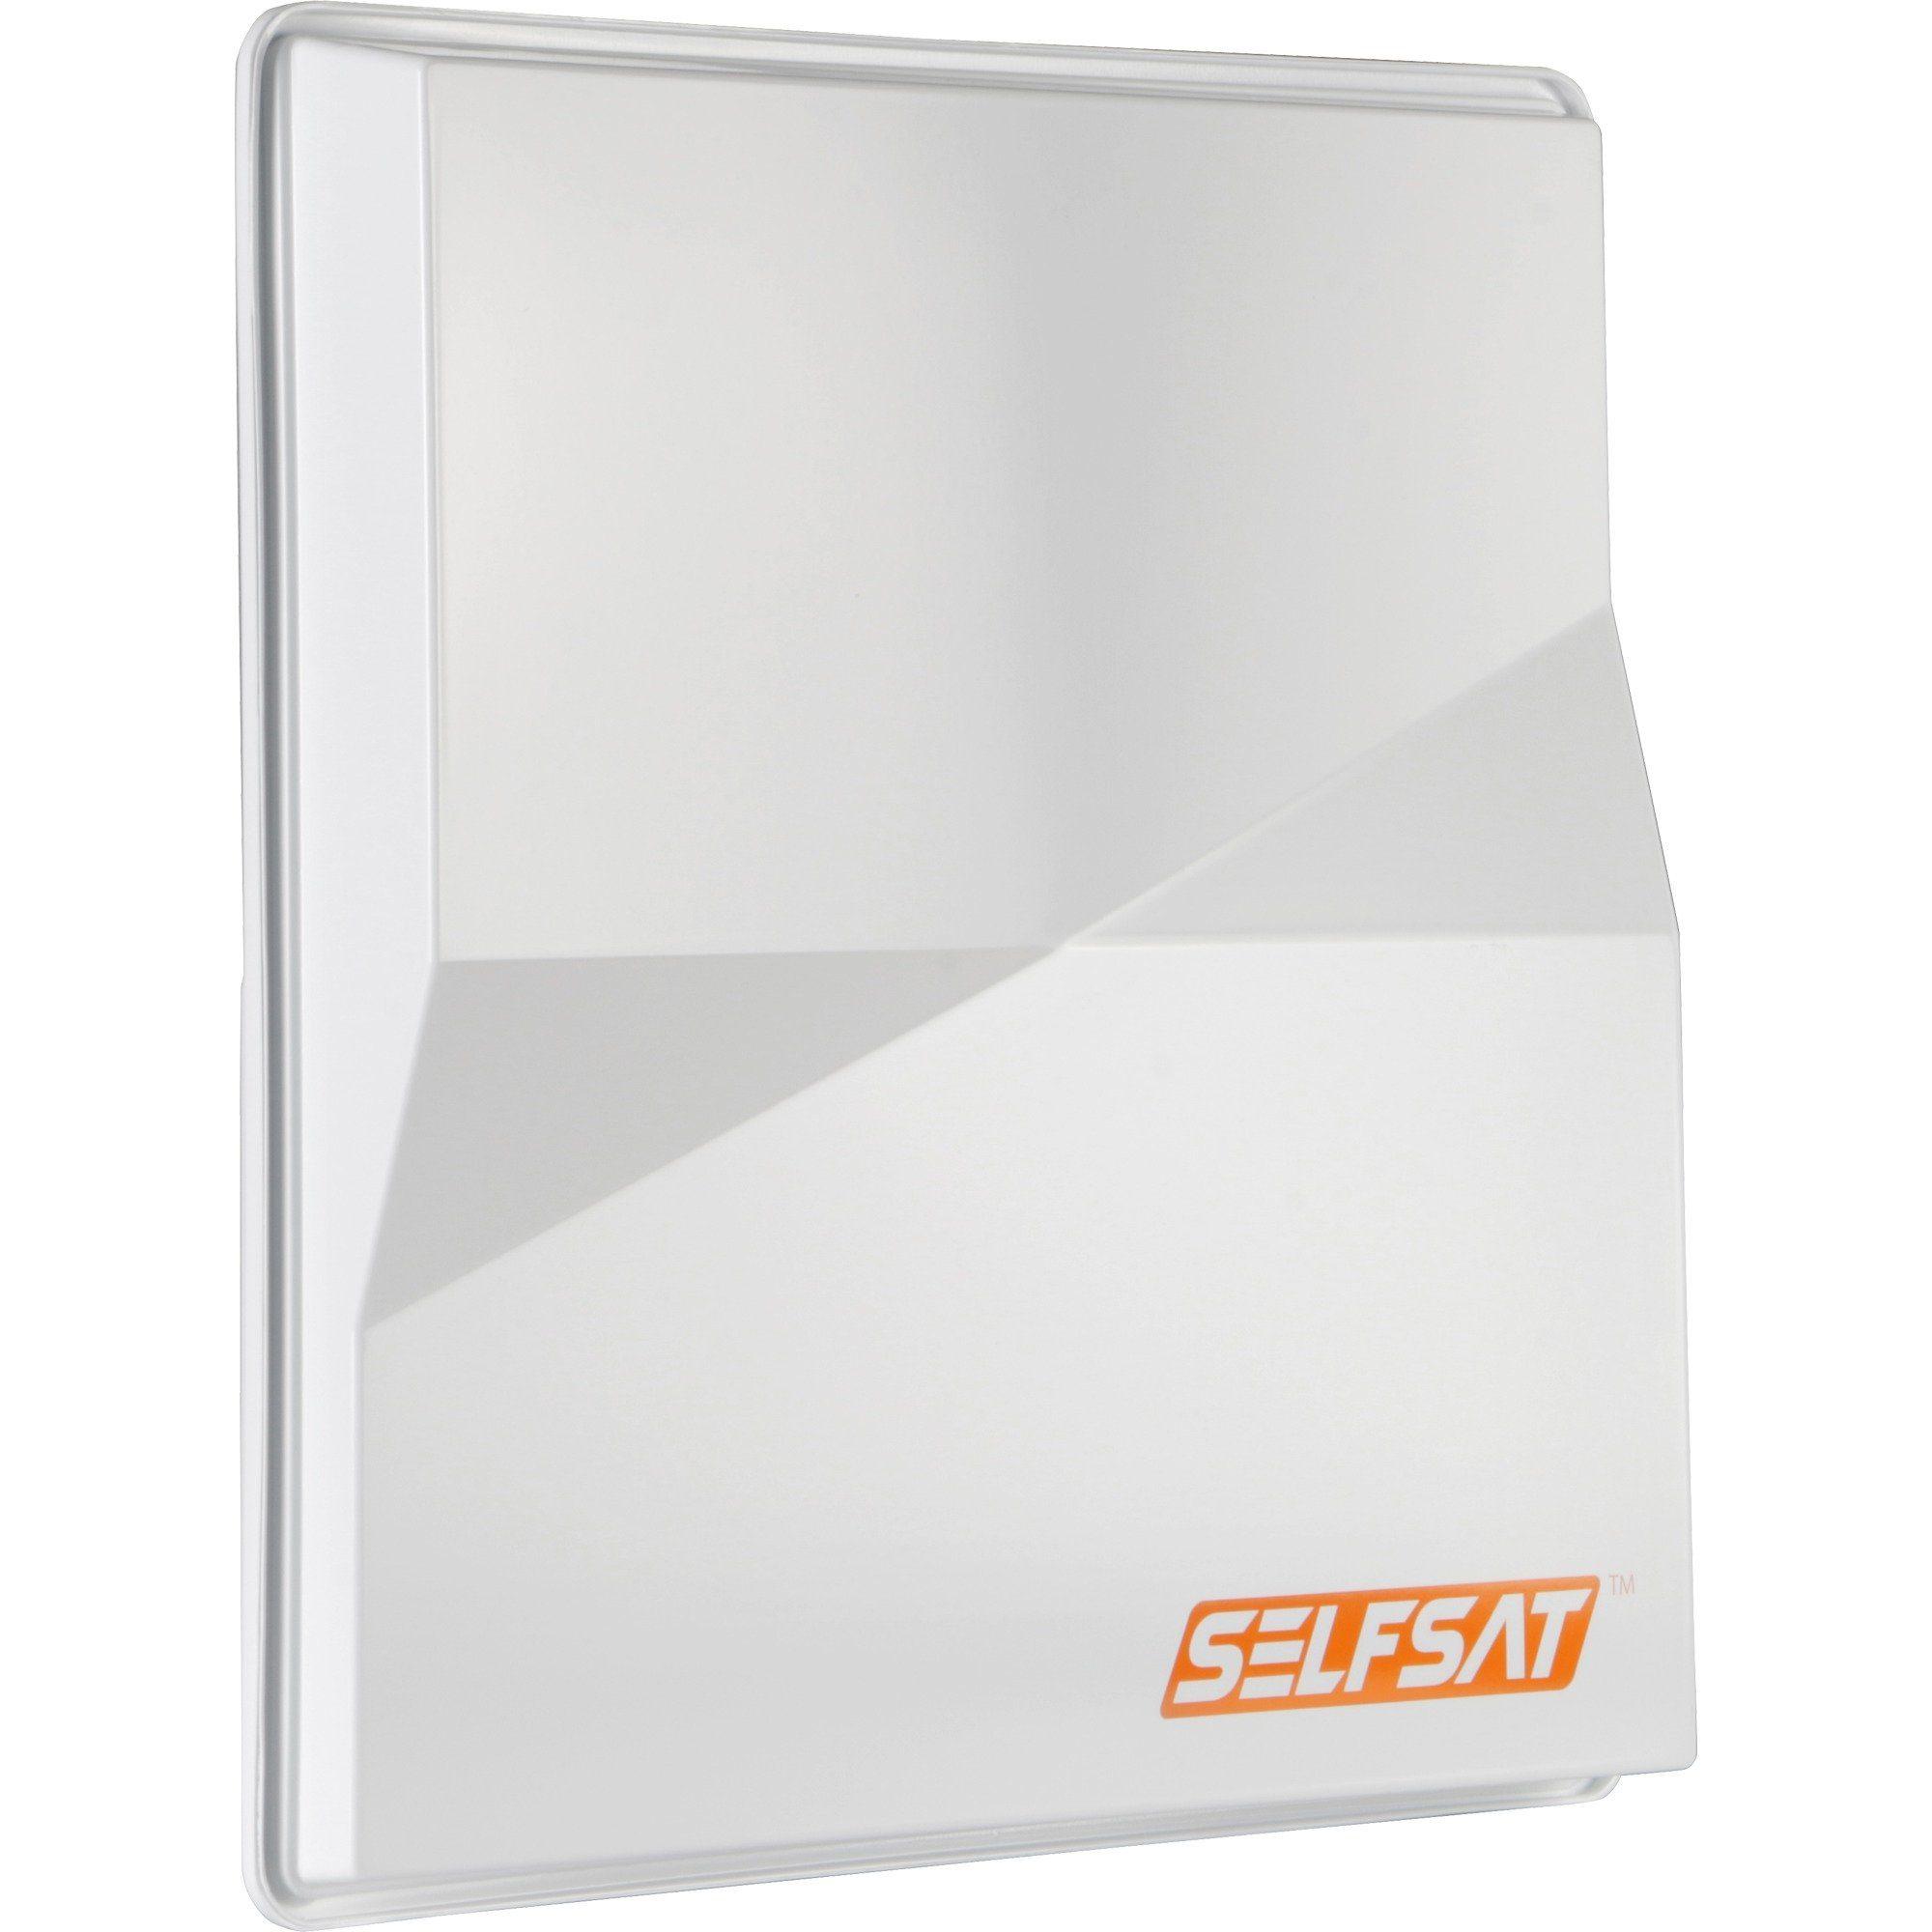 SelfSat Sat-Spiegel »H50M2«